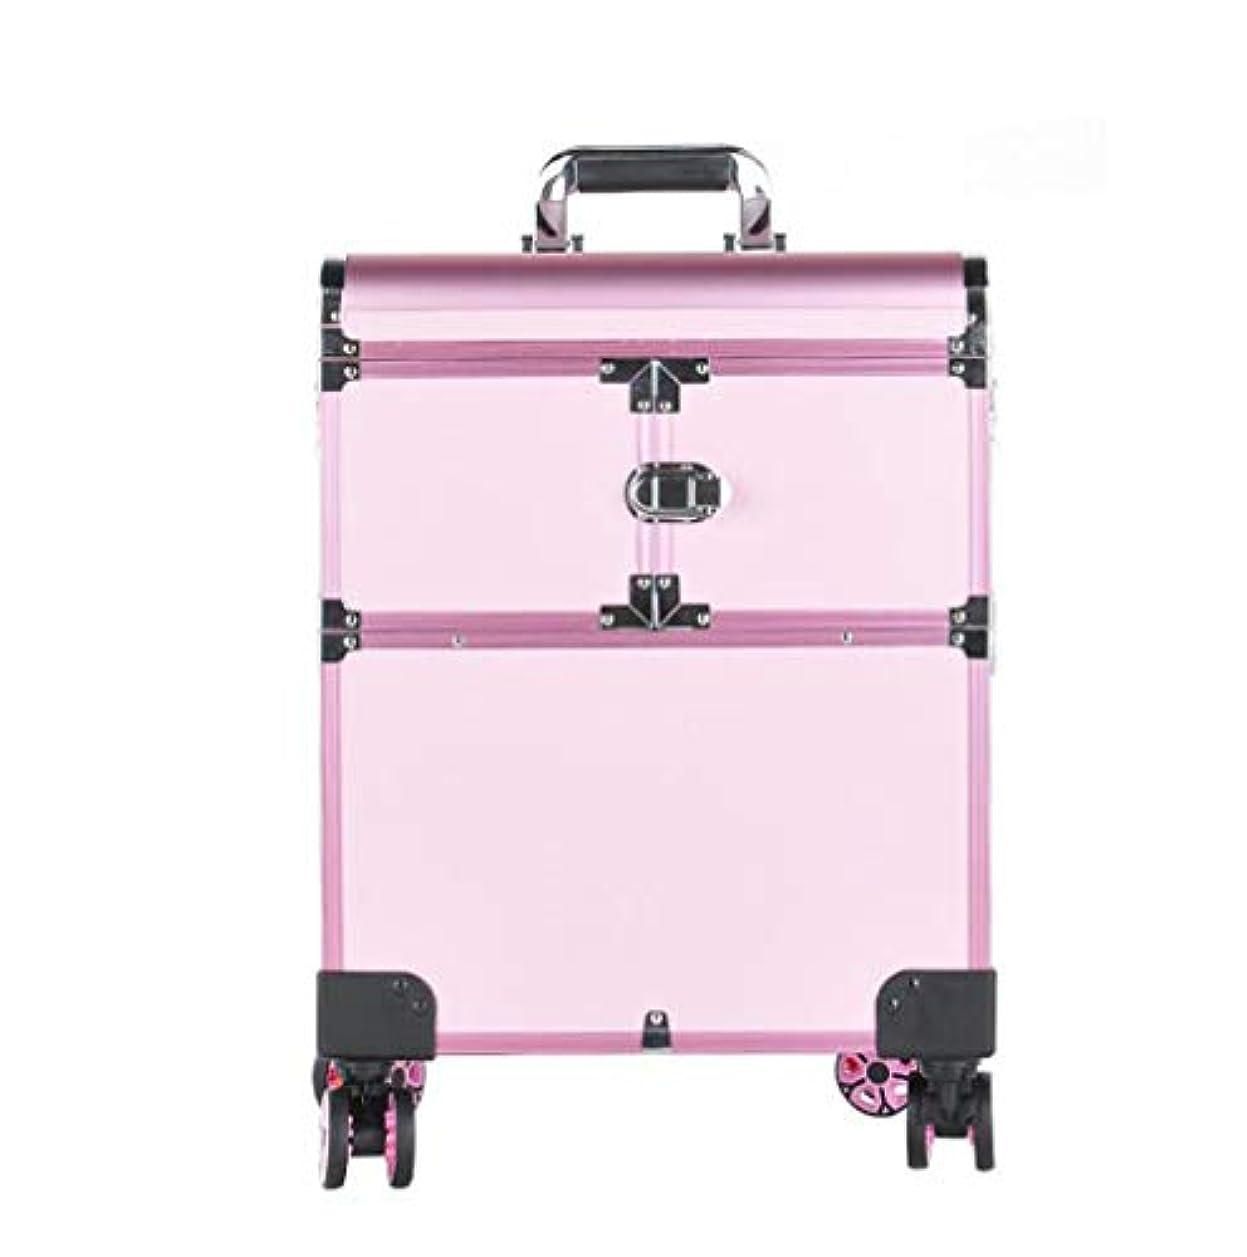 合理的クレアアンテナBUMC 特大化粧列車化粧トロリーケース、多層大容量プロフェッショナル化粧品ポータブルレバーオーガナイザー収納ビューティーボックス,Pink